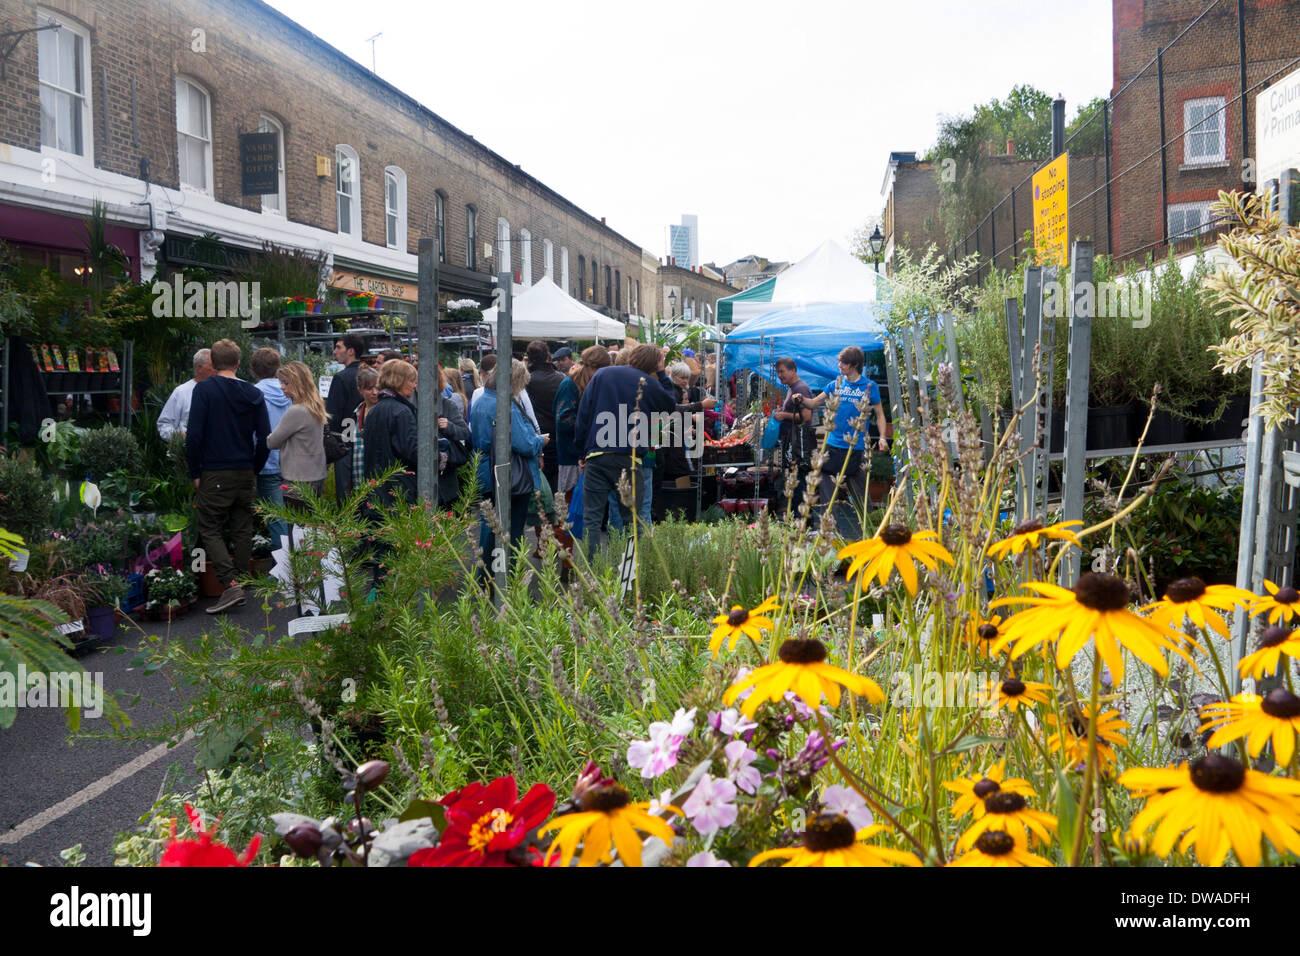 Columbia Road Flower Market Bethnal Green London England UK sur fleurs en premier plan de décrochage personnes parcourt en arrière-plan Photo Stock